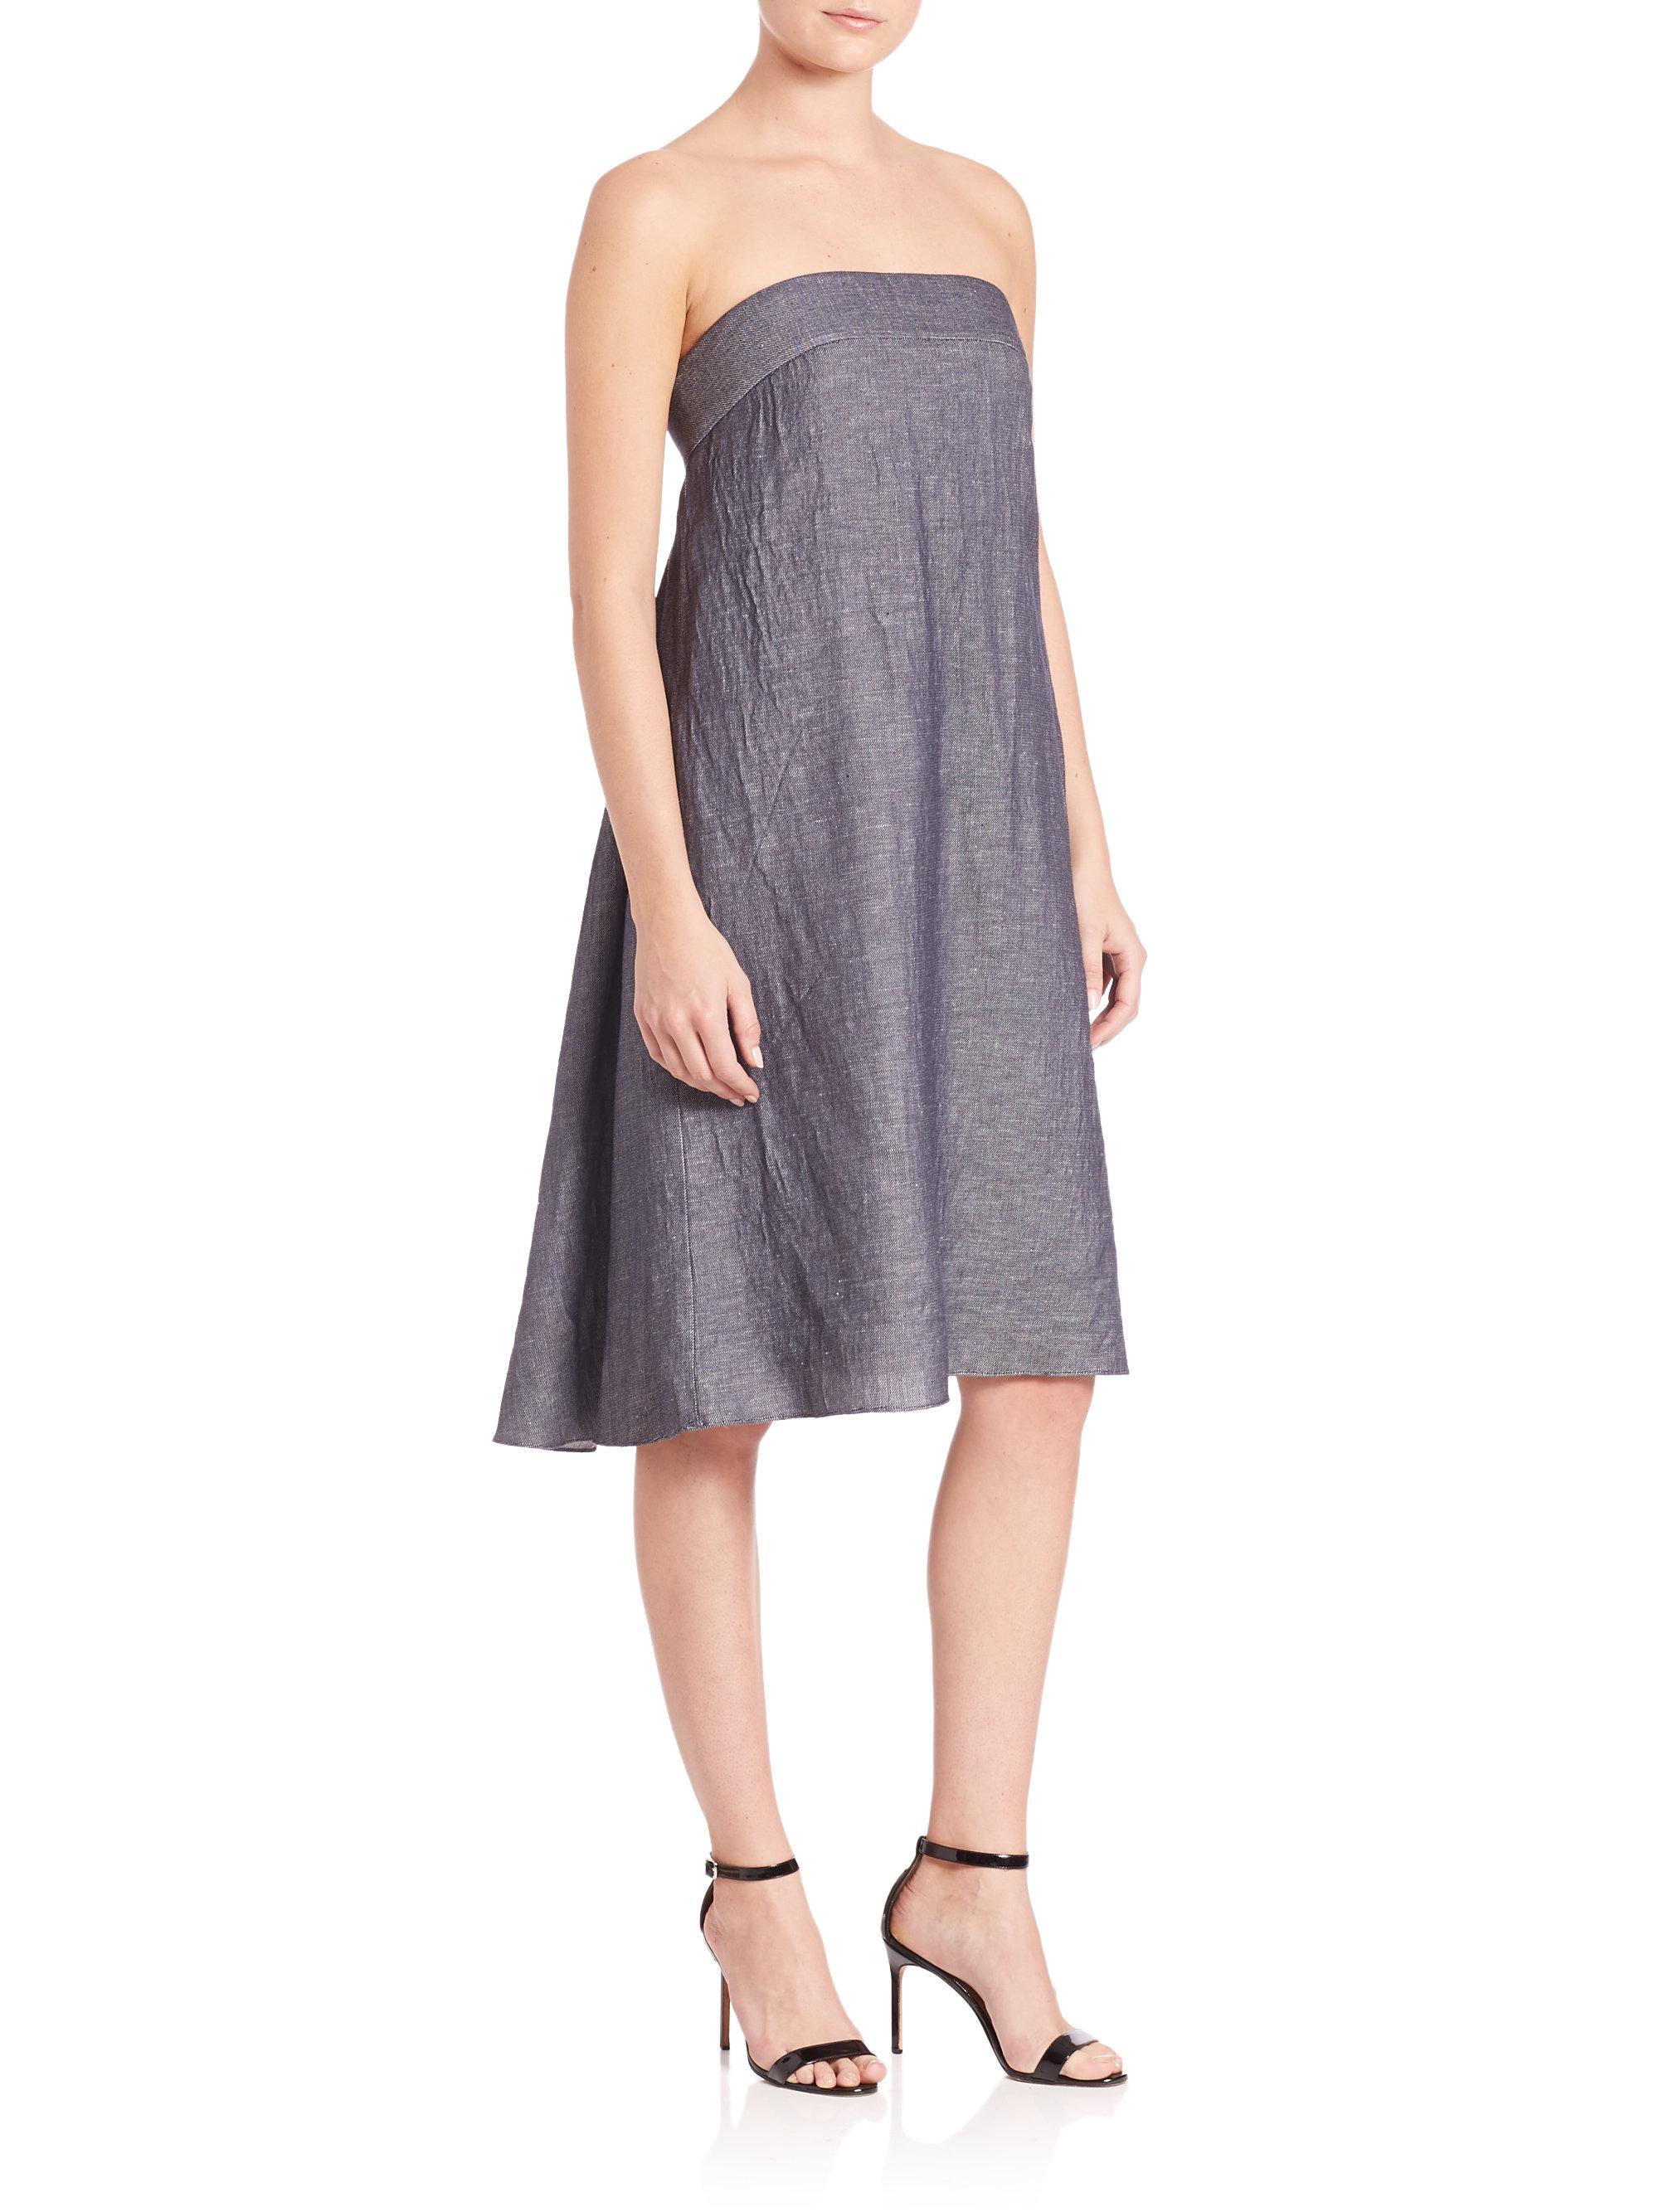 Milly Vanessa Strapless Denim Dress in Blue  Lyst